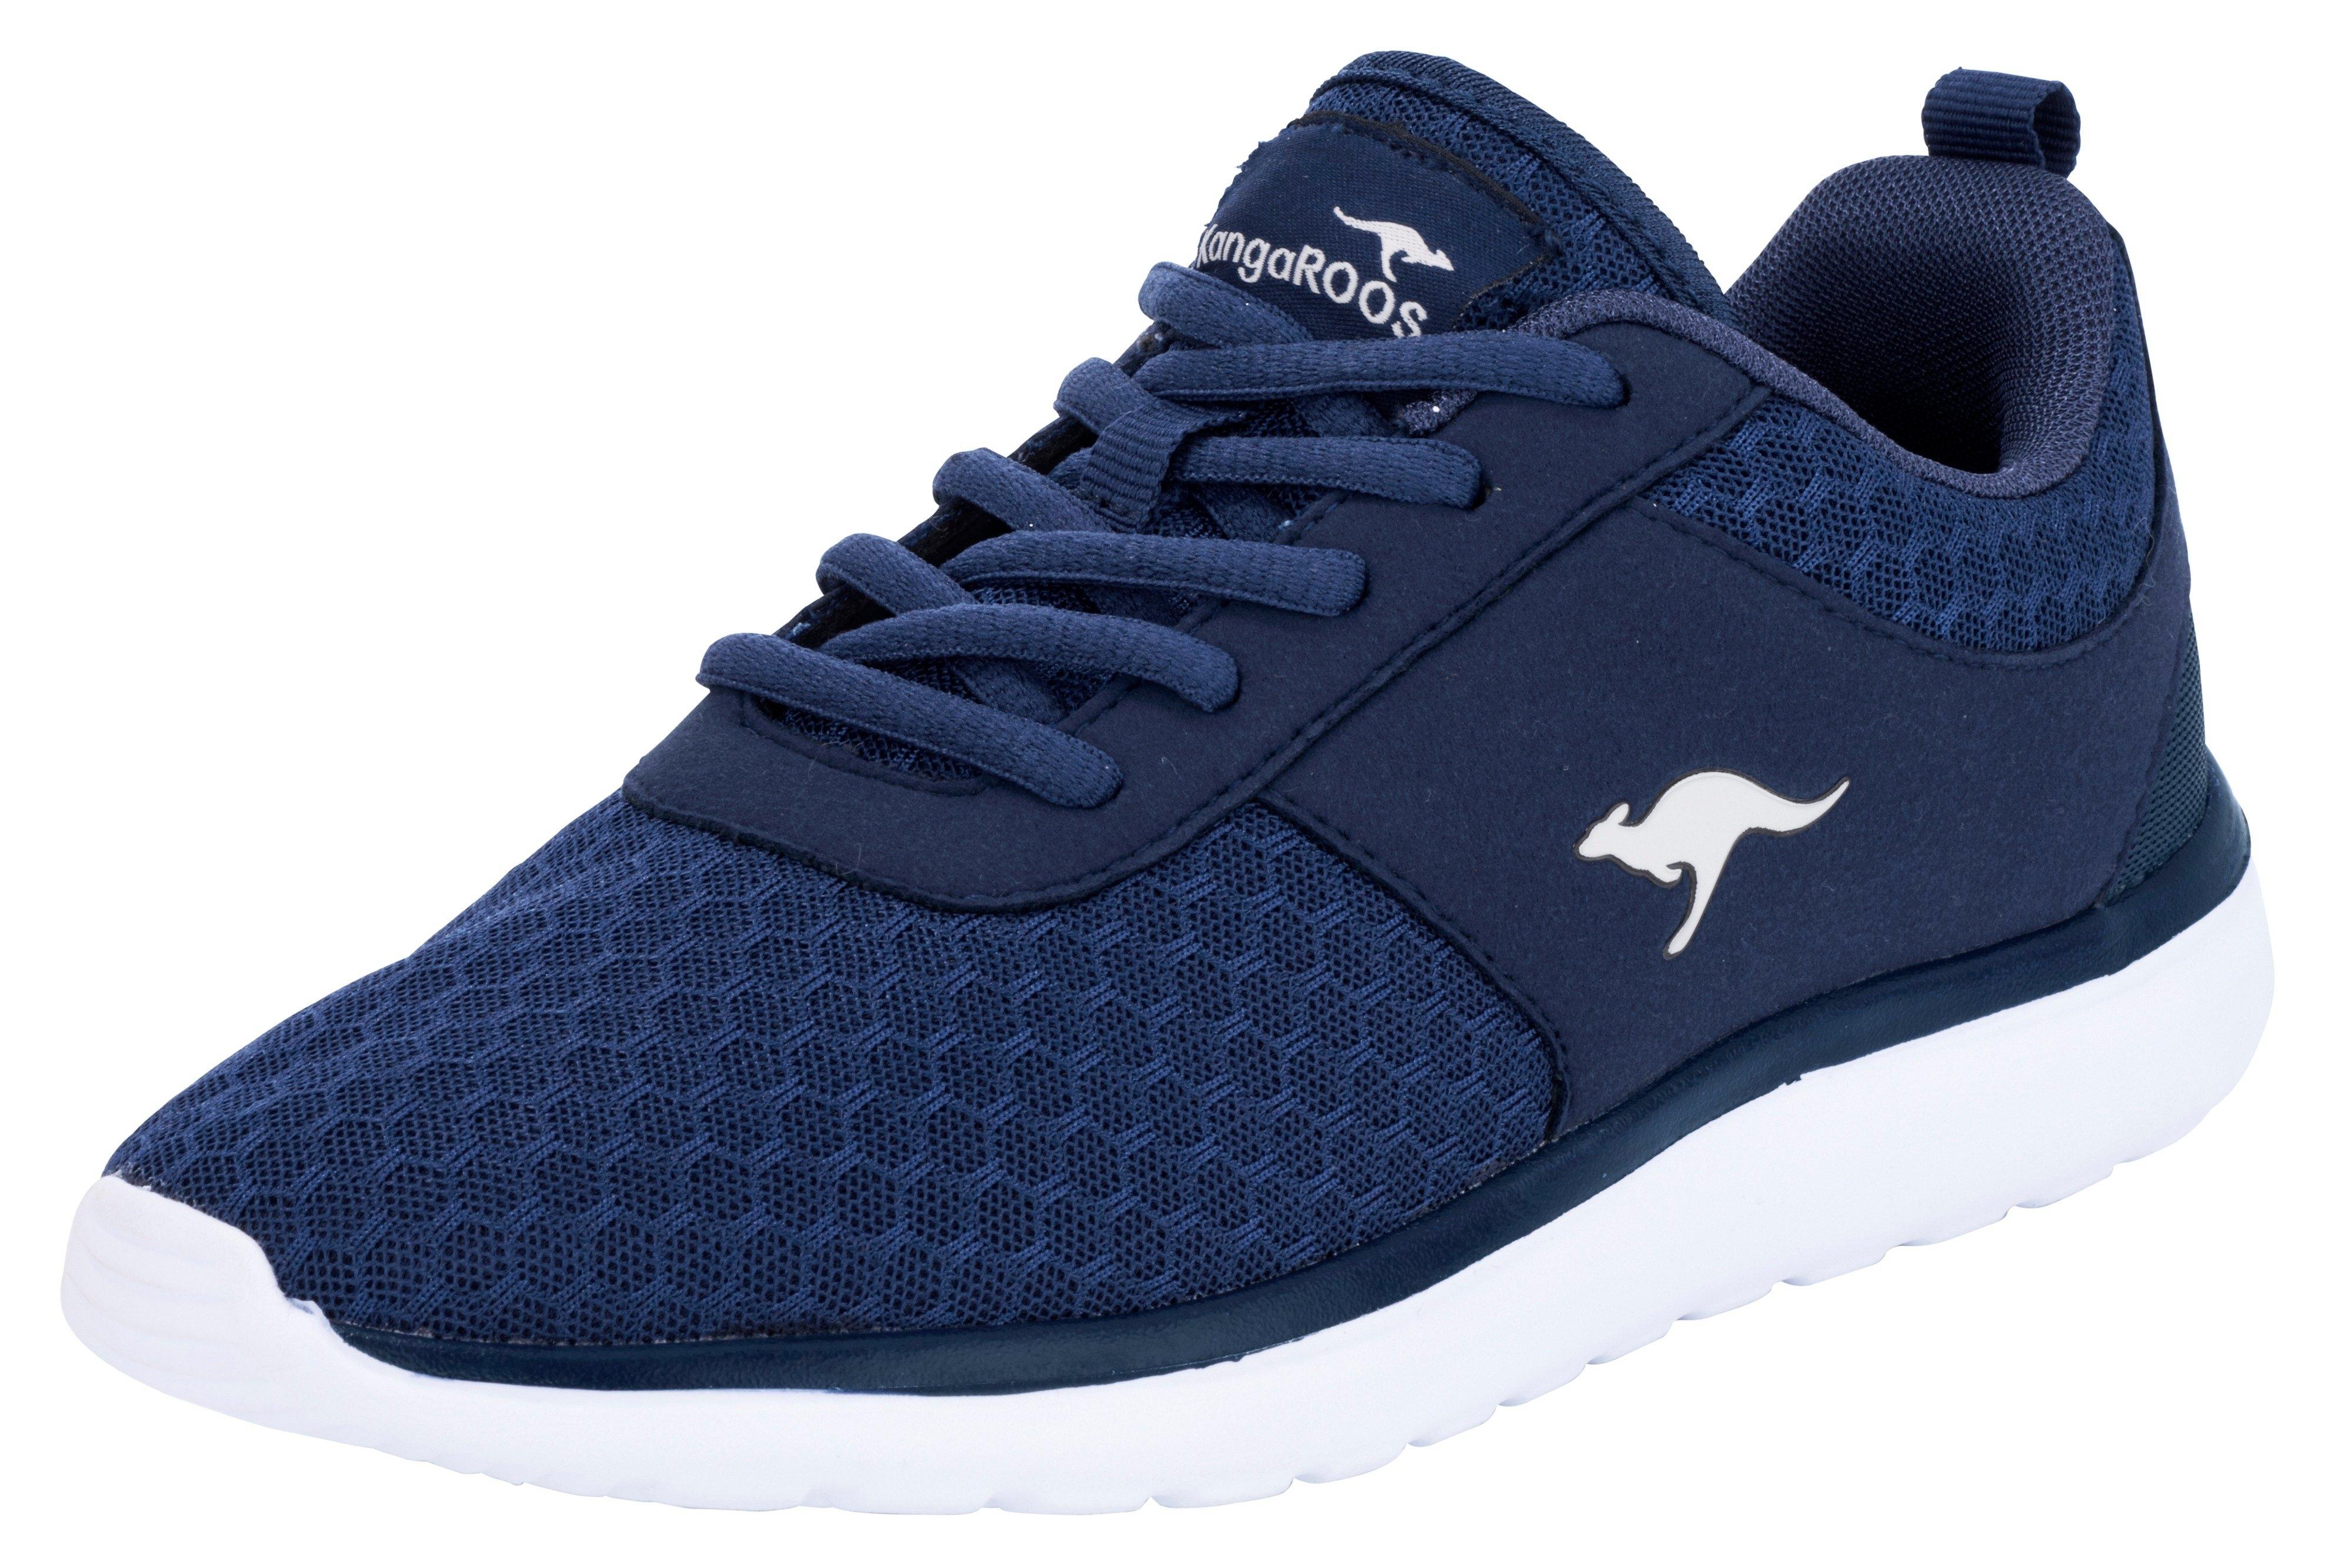 KangaROOS Sneakers bestellen: 14 dagen bedenktijd